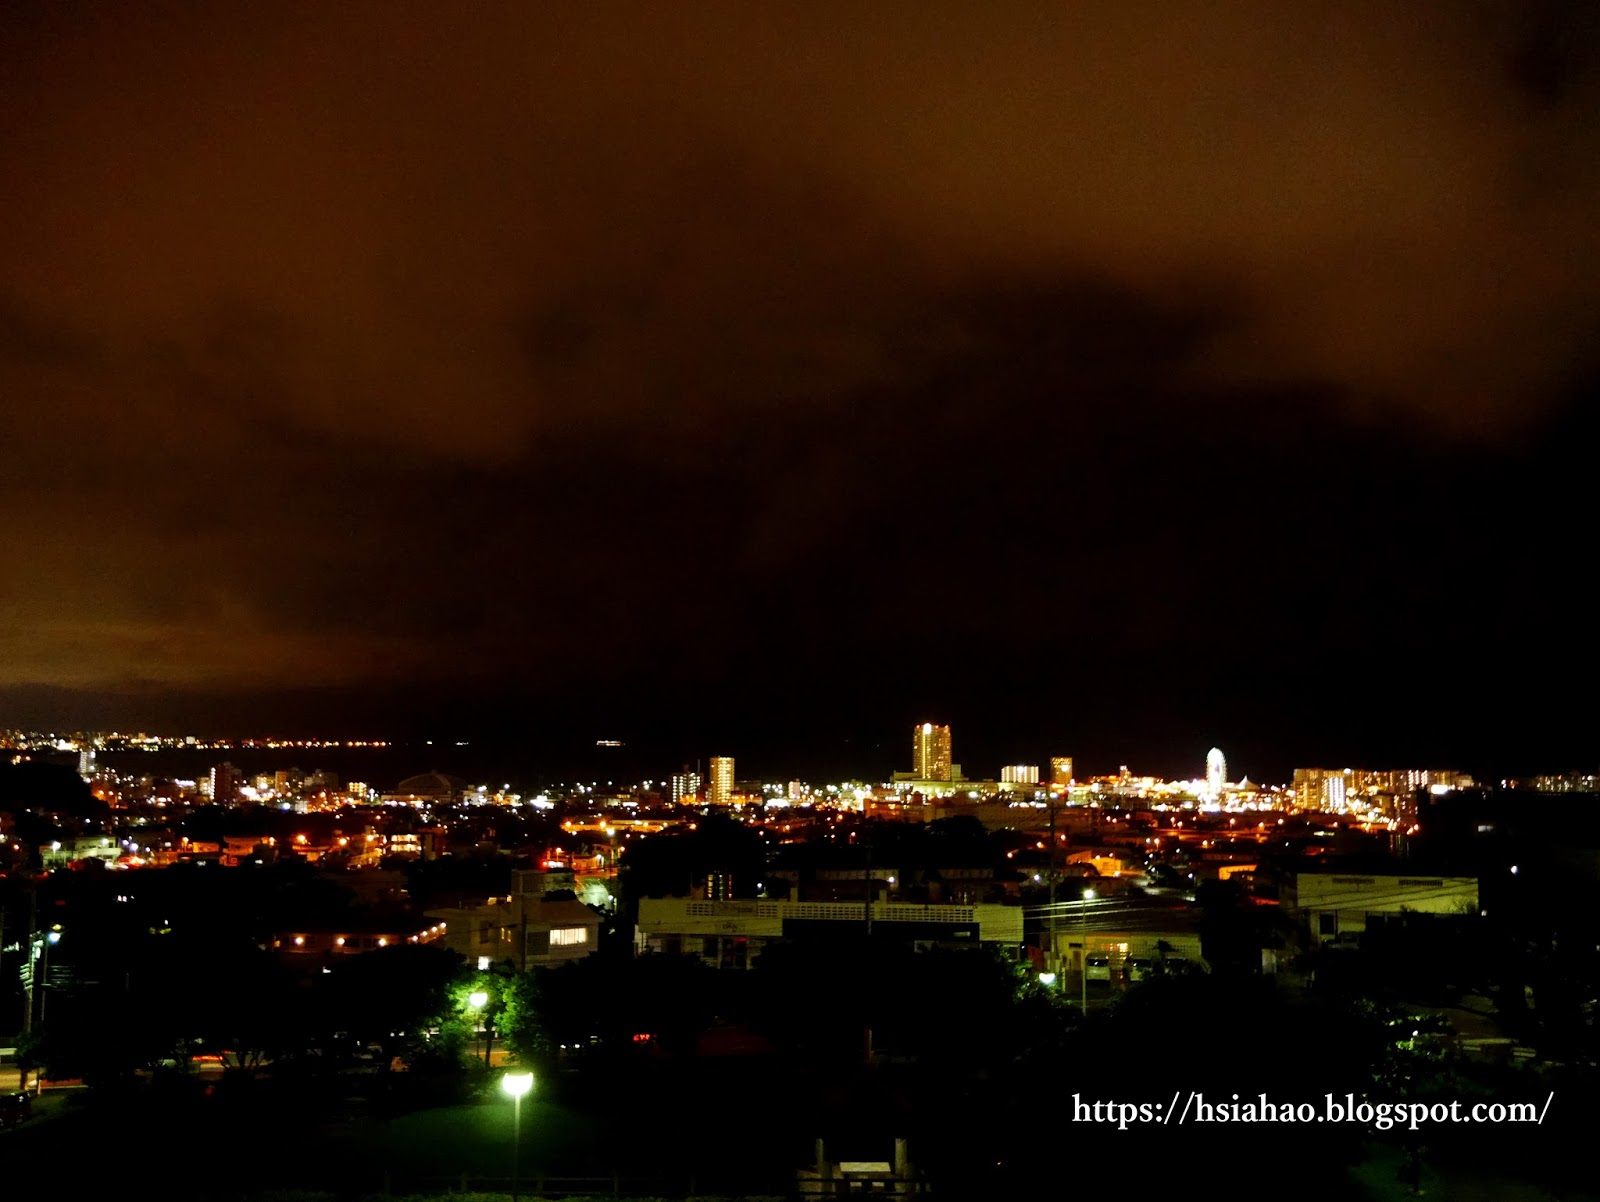 沖繩-中部-美國村夜景-美國村-night-view-自由行-旅遊-Okinawa